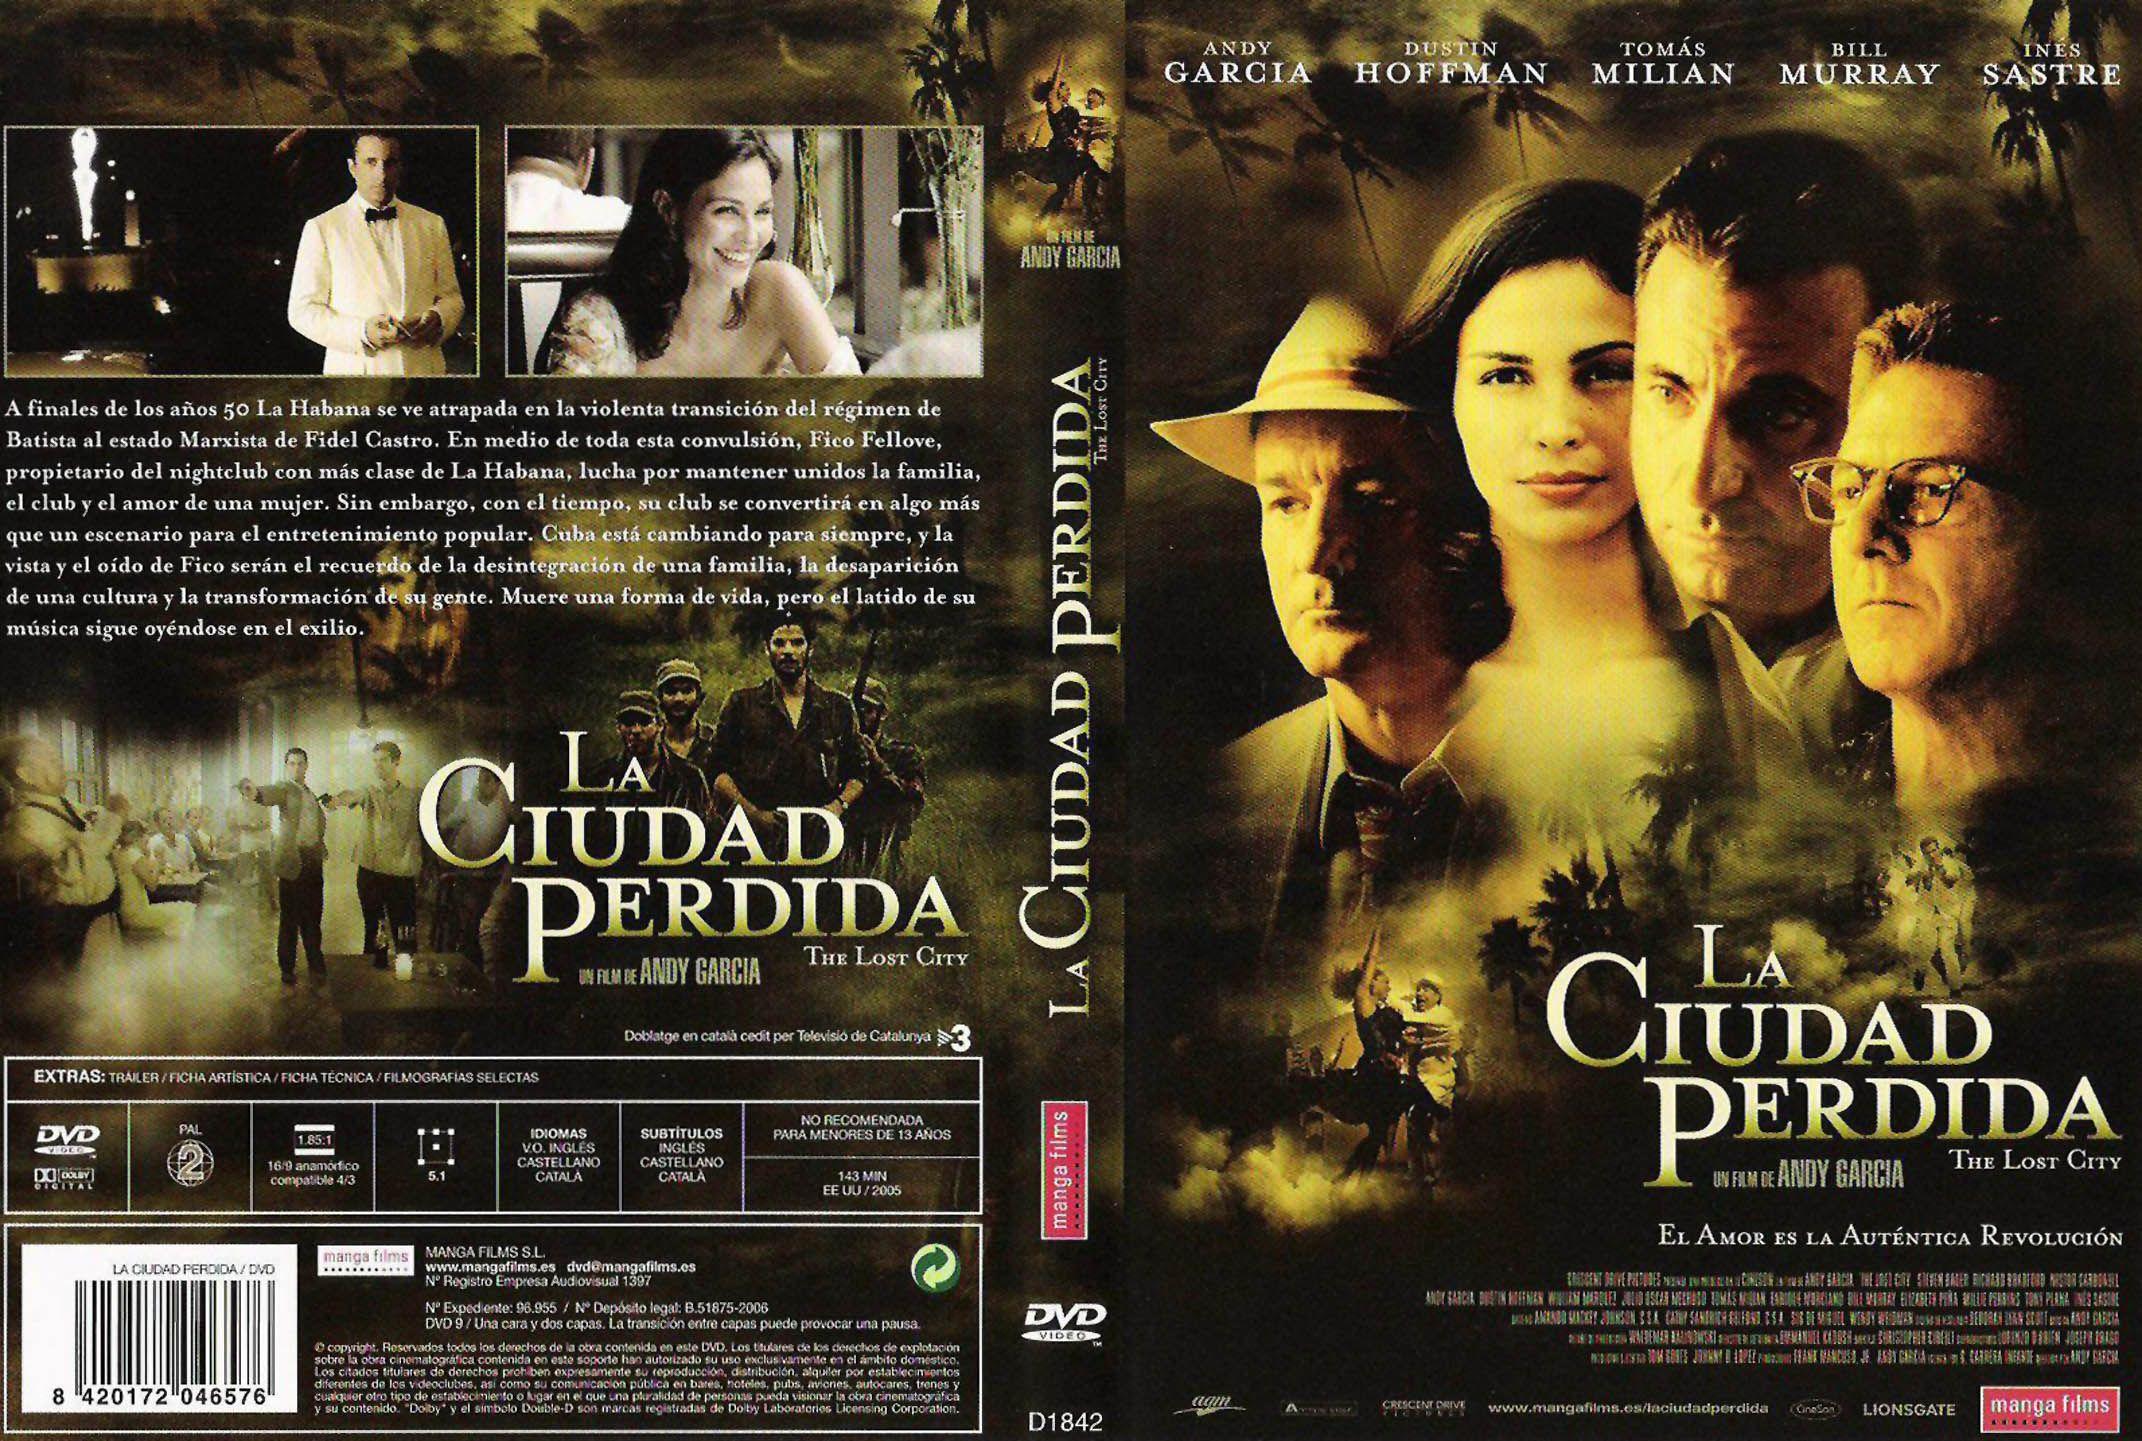 Pin En El Septimo Arte Cinema Covers